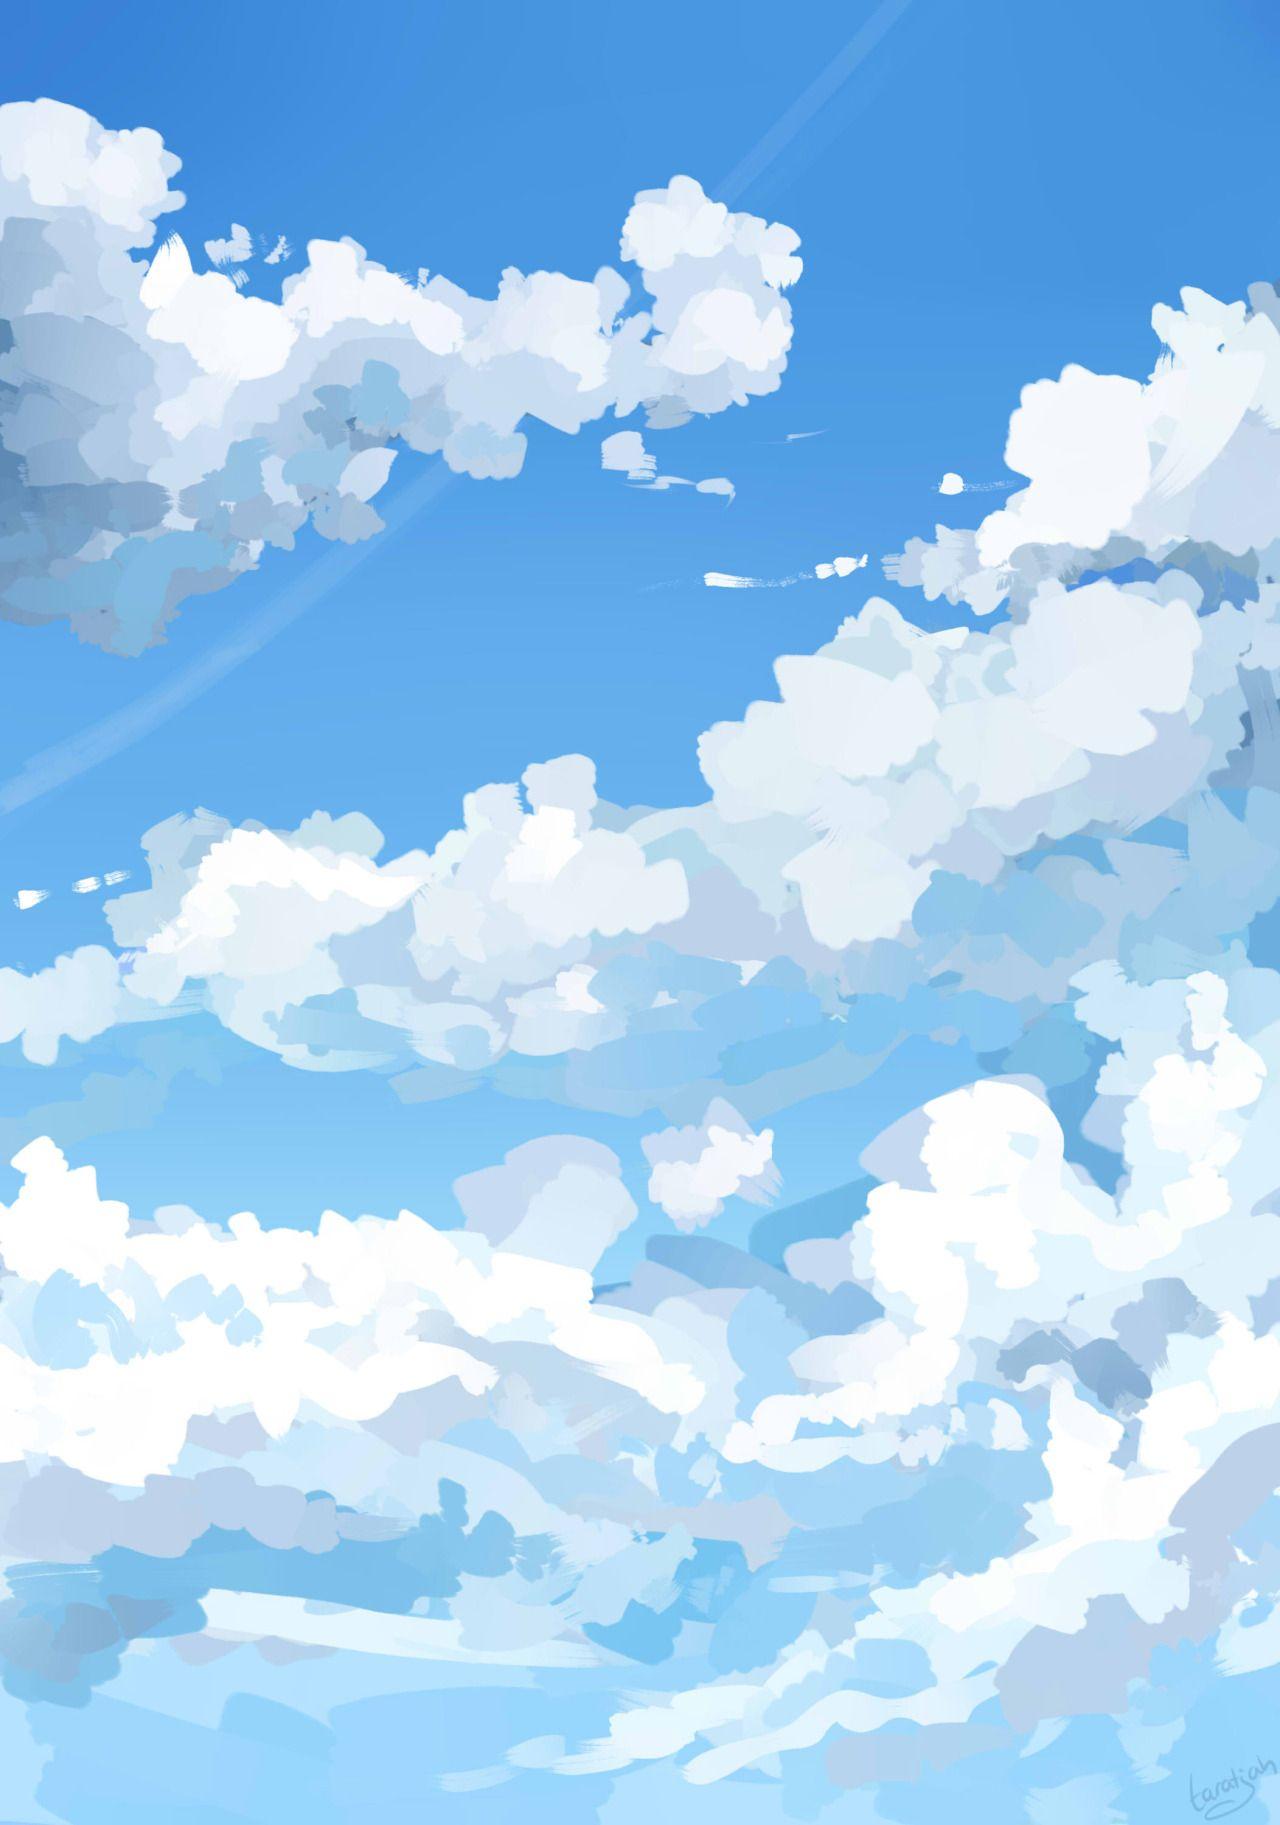 Ok L Affaire Est Close On Change De Sujet In 2020 Sky Art Anime Scenery Wallpaper Scenery Wallpaper